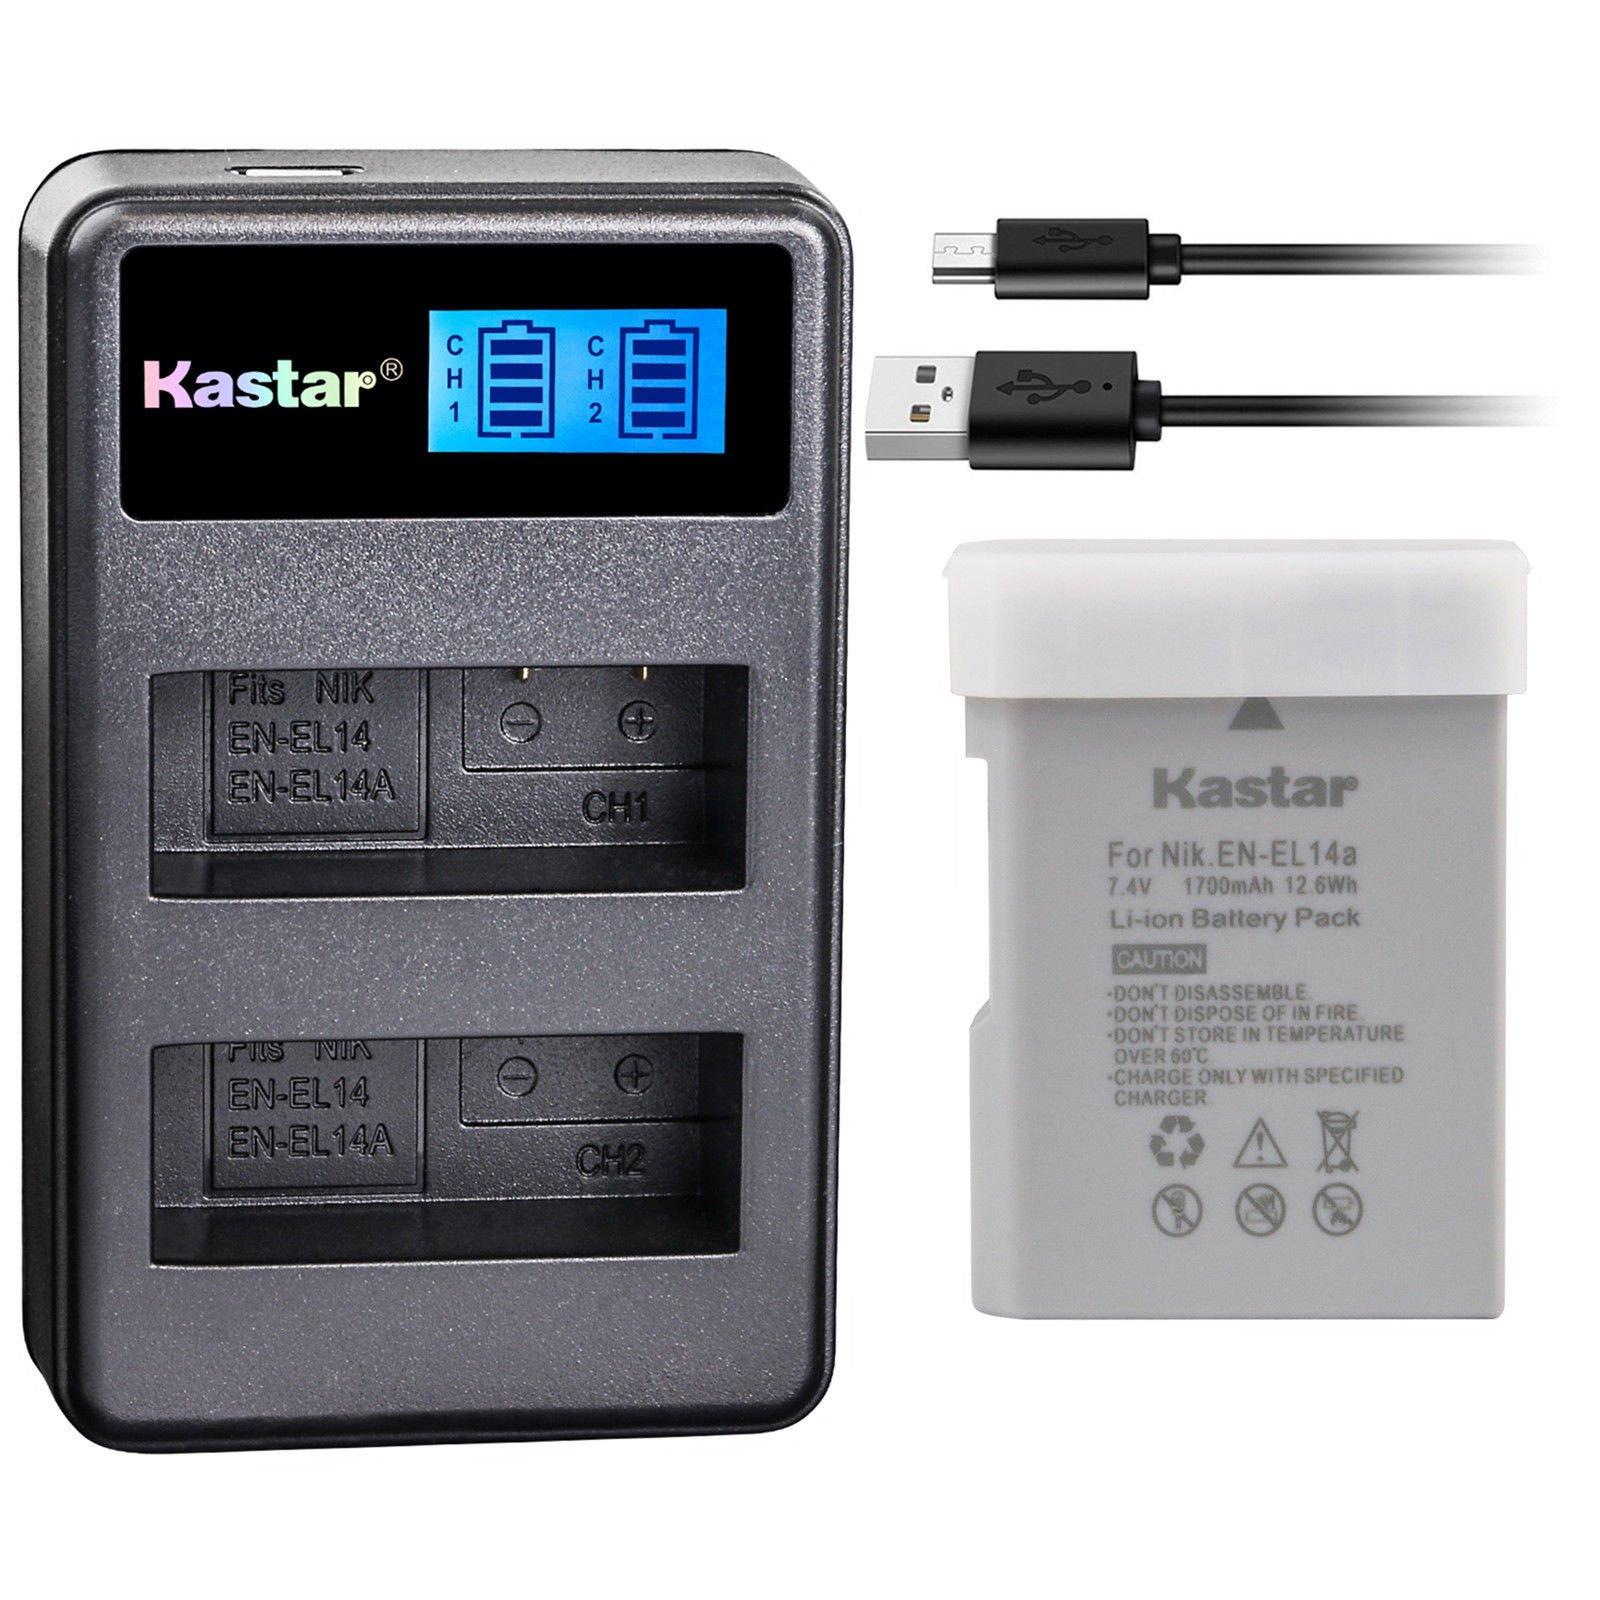 Kastar Battery 1 Pack and LCD Dual Charger for Nikon EN-EL14a EN-EL14 MH-24, Nikon Coolpix P7000 Coolpix P7100 Coolpix P7700 Coolpix P7800 Nikon D3100 D3200 D3300 D3400 D5100 D5300 D5500 D5600 Df DSLR